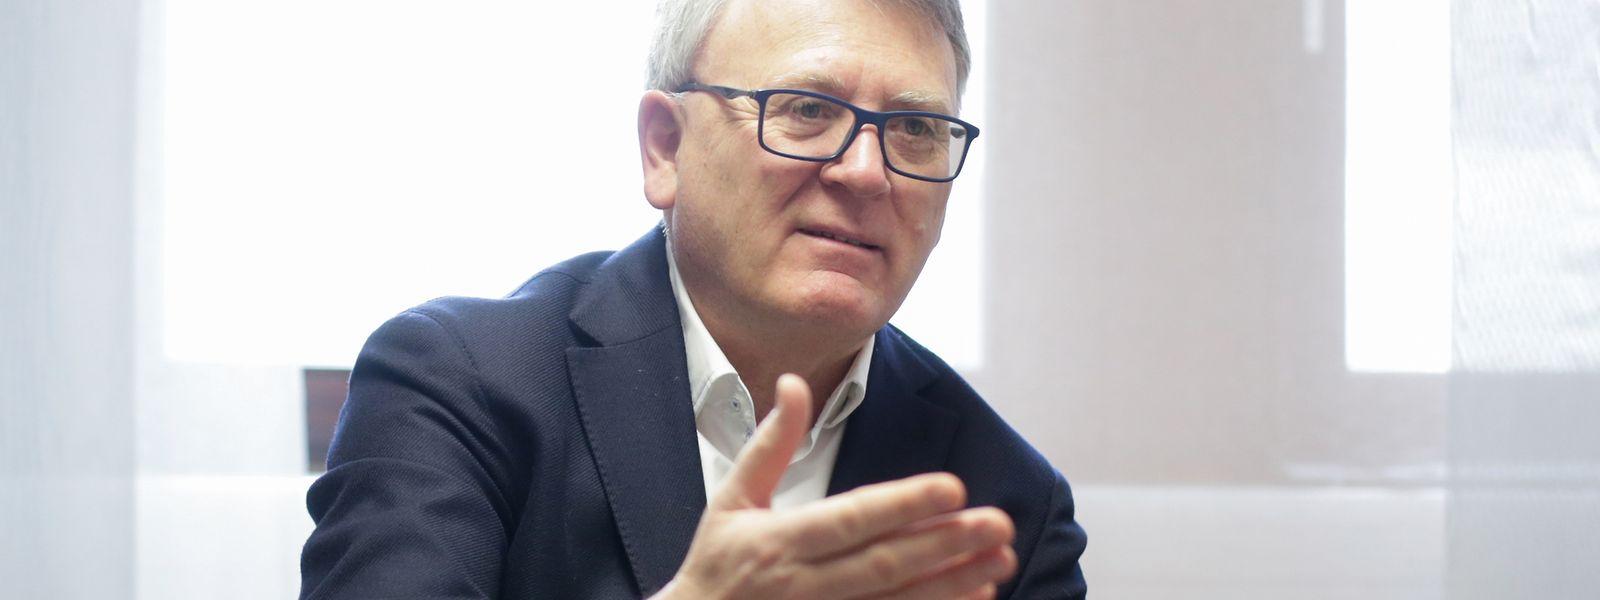 EU-Kenner Nicolas Schmit soll EU-Kommissar für Arbeit werden.